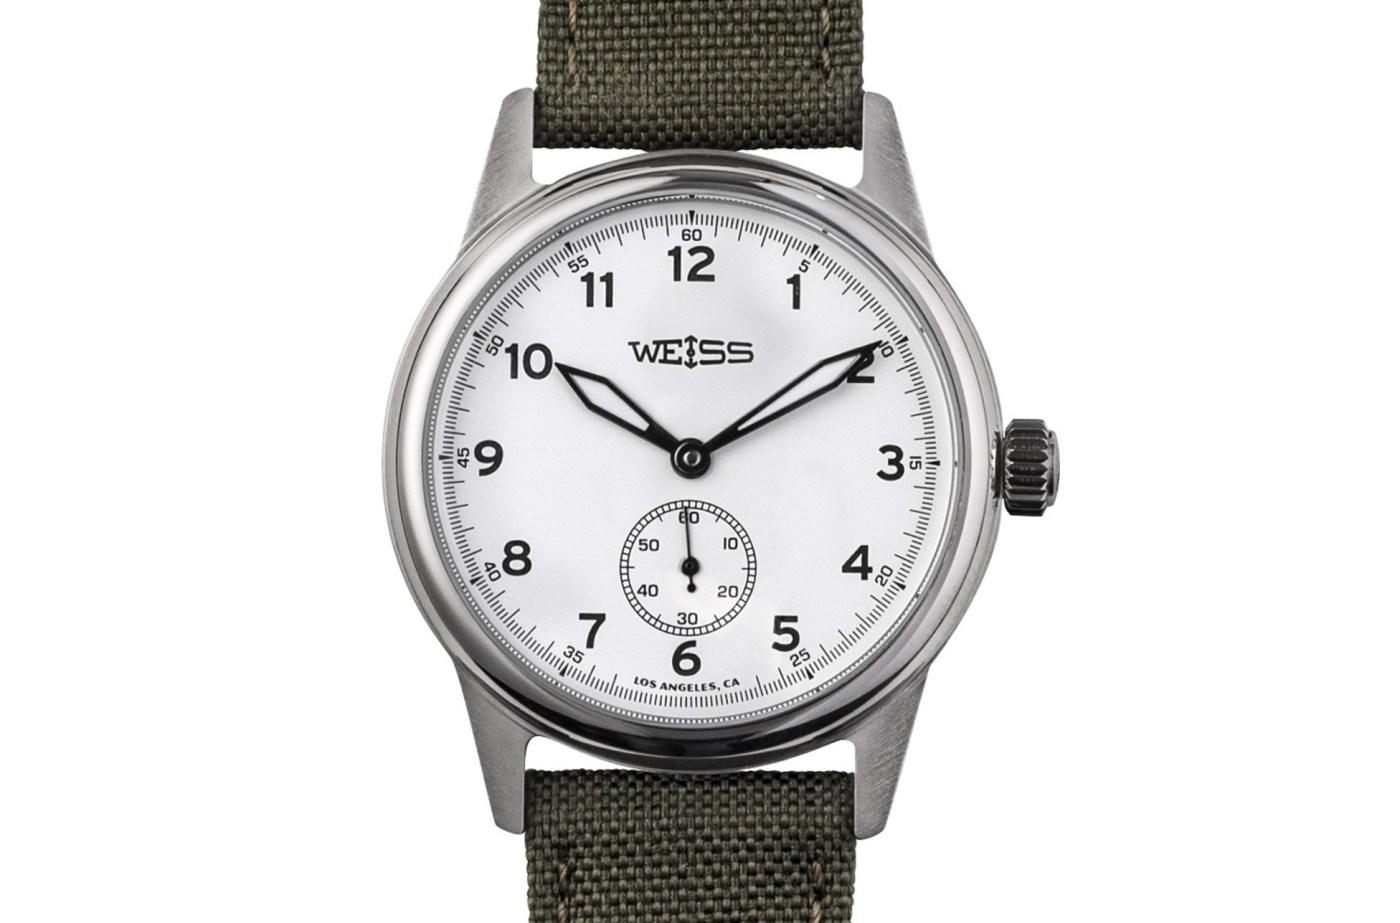 Weiss 38 mm Standard Issue Field Watch